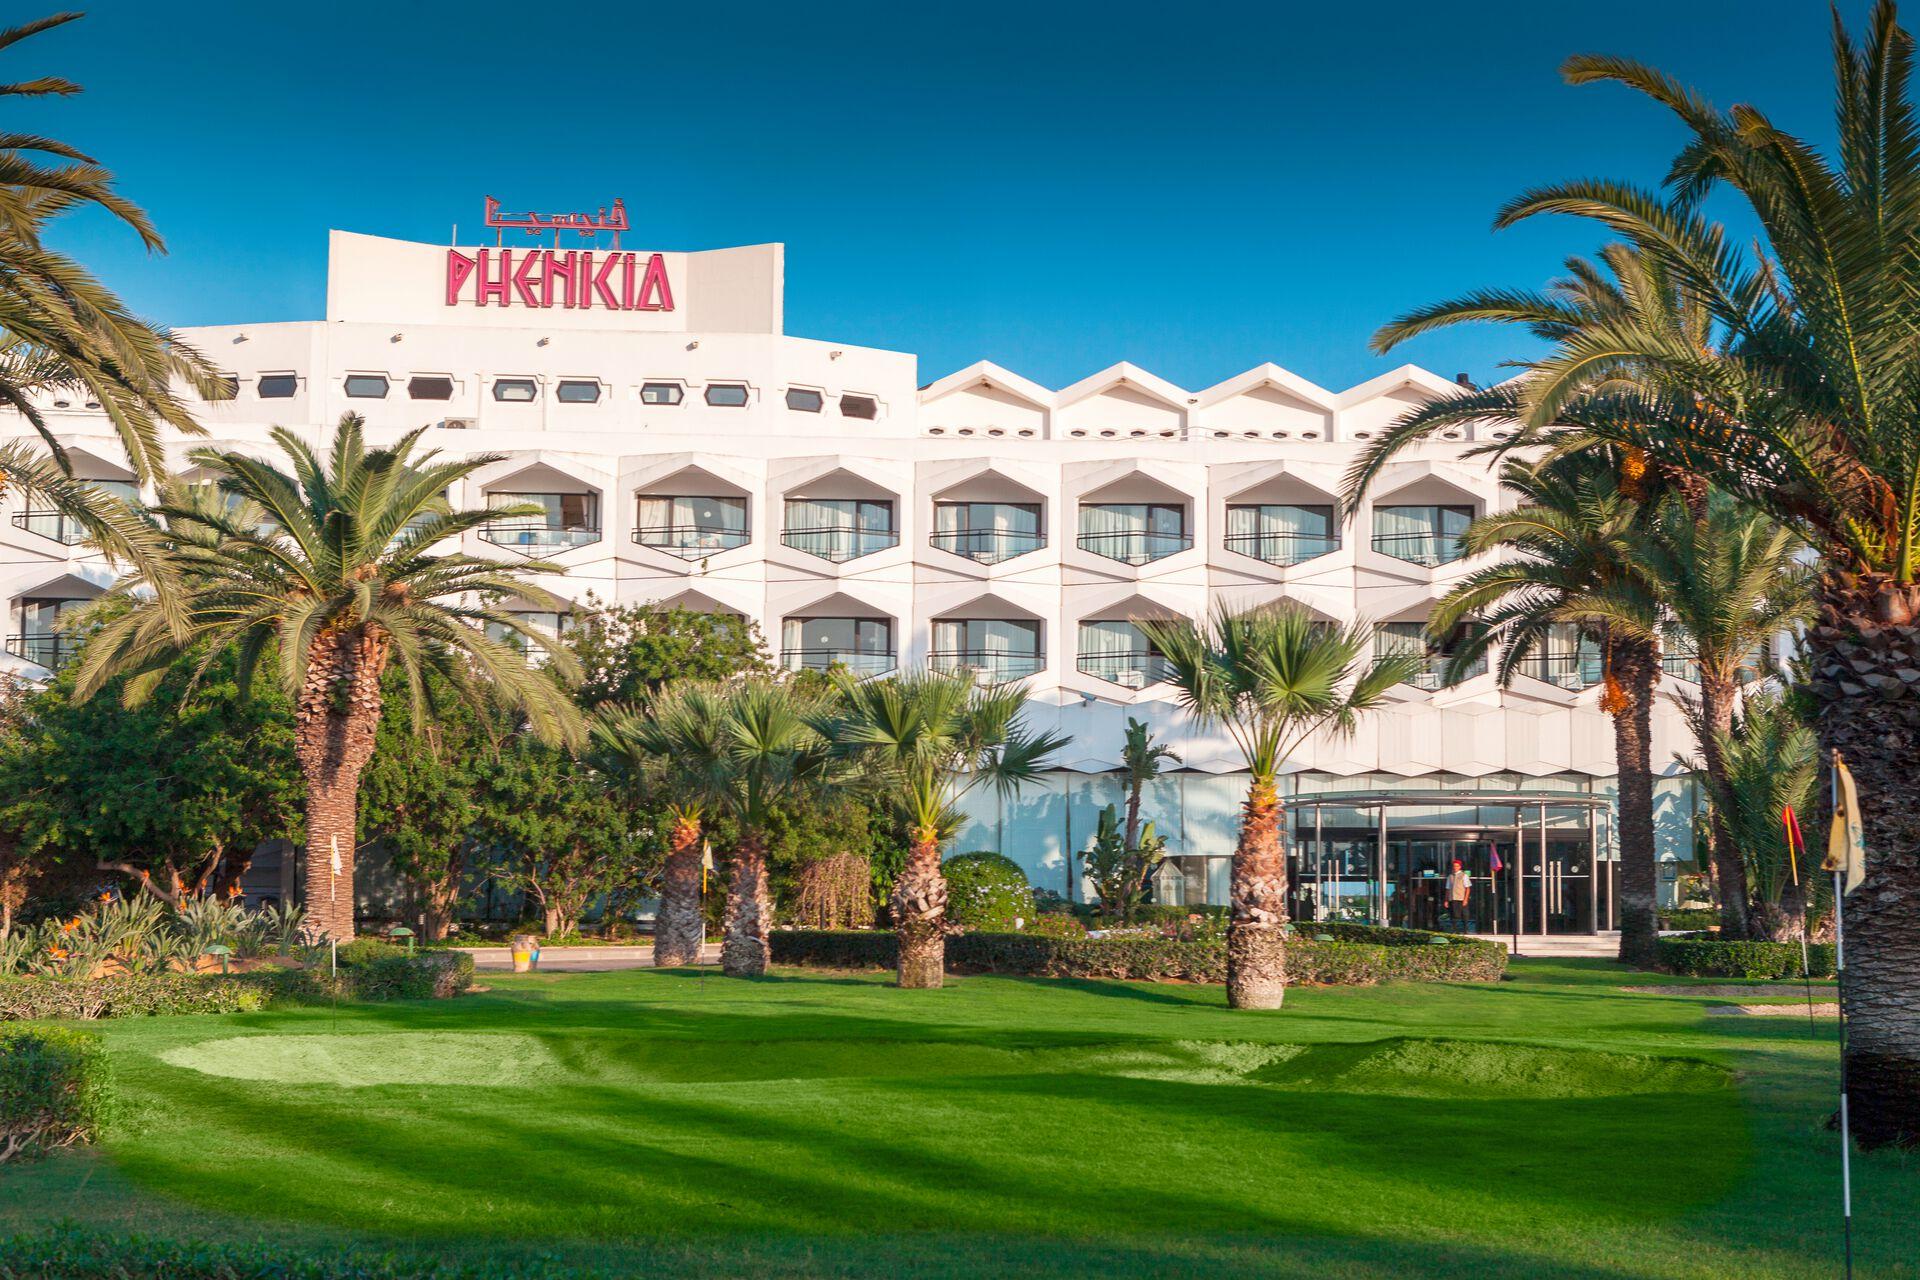 Tunisie - Hammamet - Phenicia Hôtel 4*